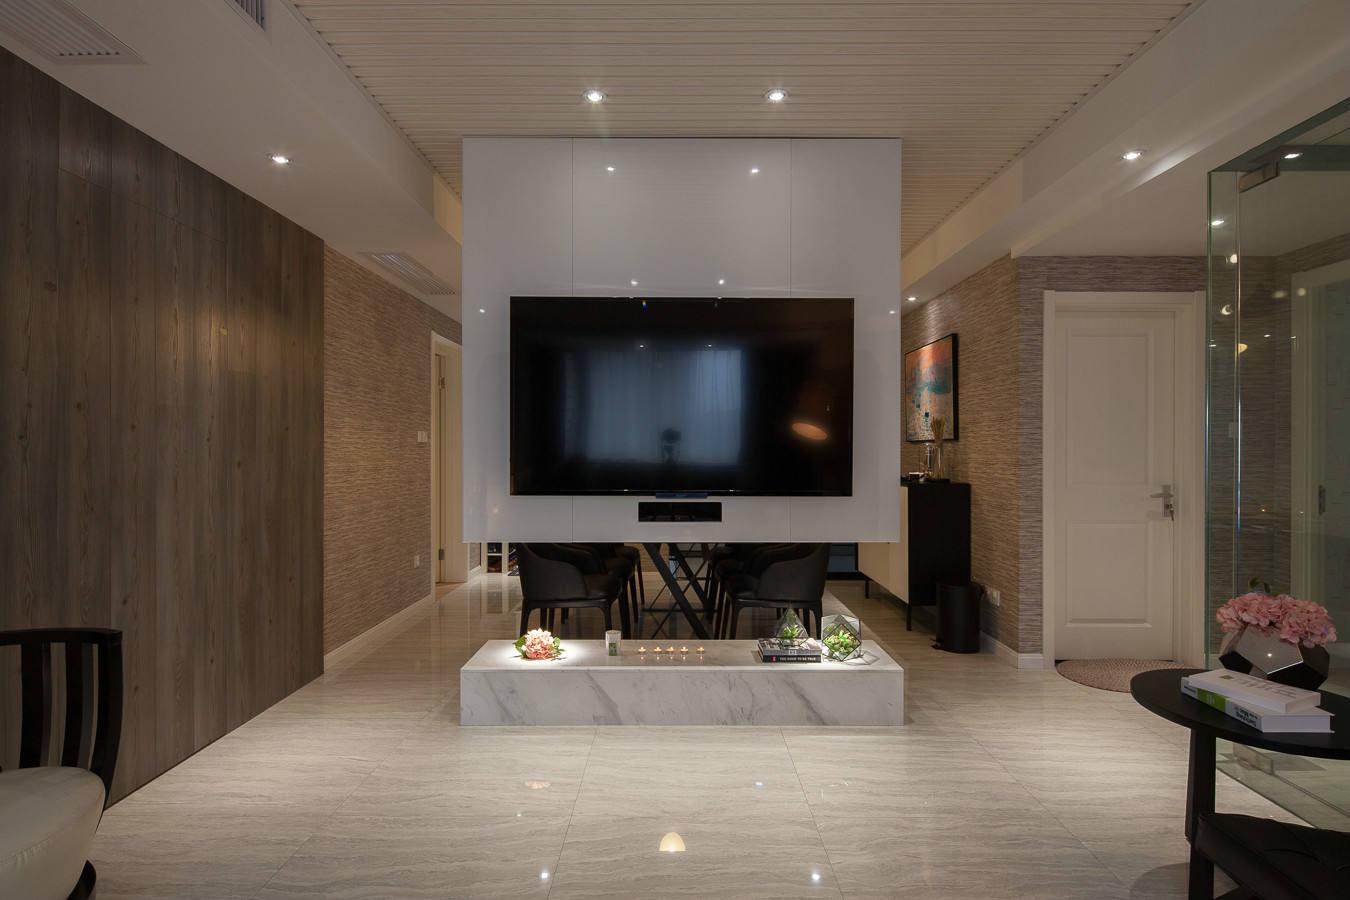 装修效果图 装修美图 美式现代装修 家居电视隔断墙设计